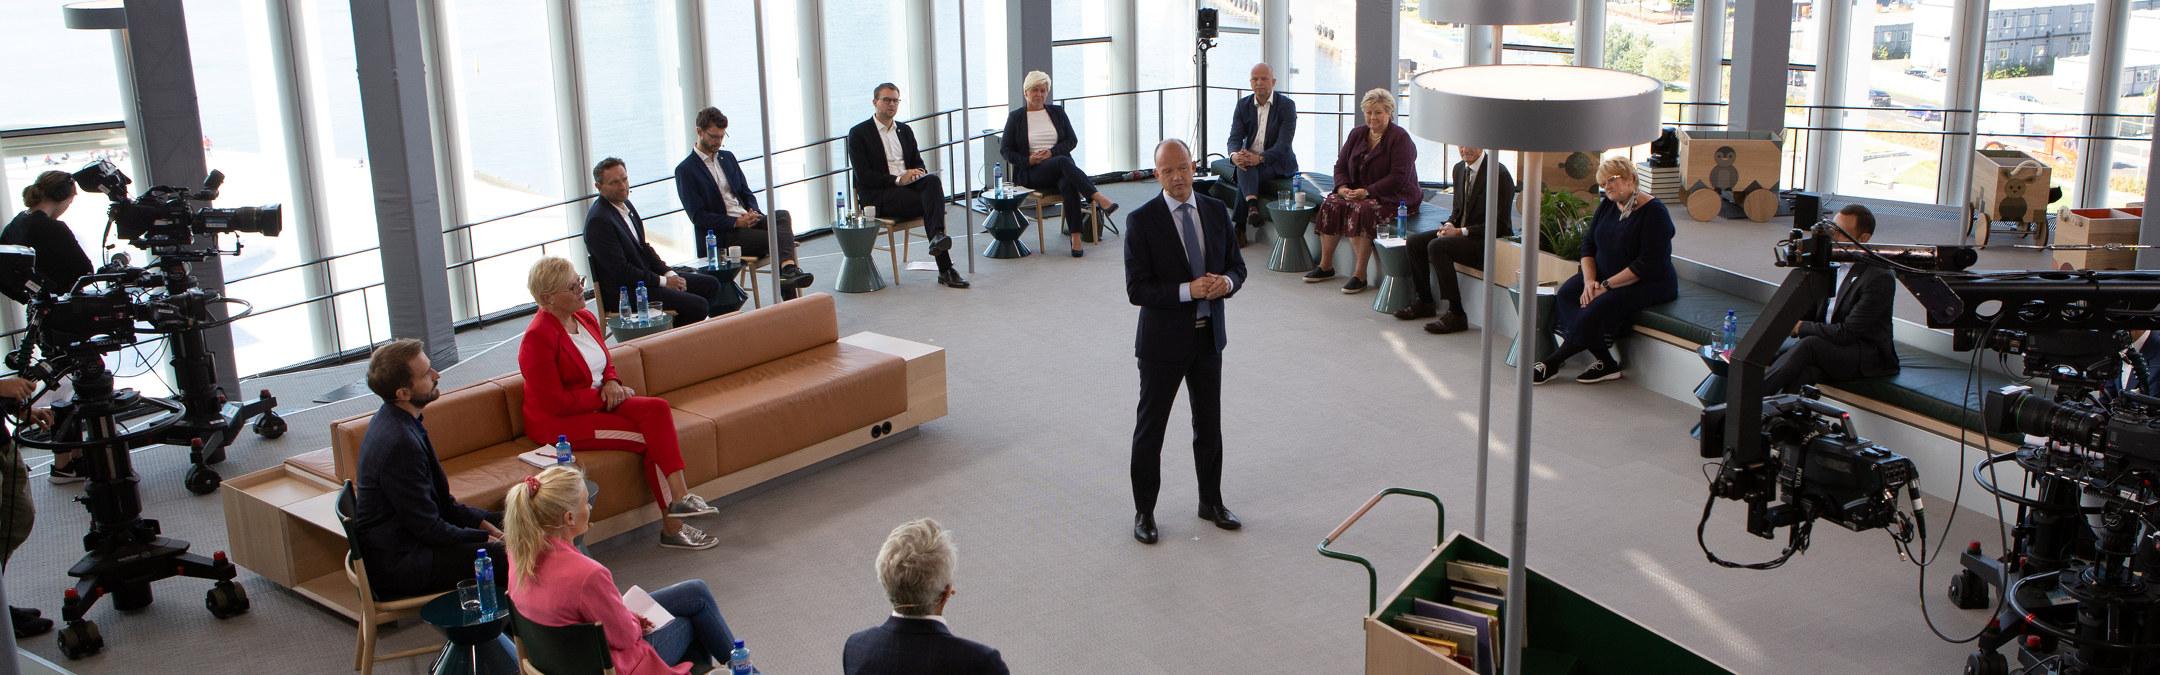 Ole Erik Almlid står med partilederer sittende rundt seg under et NHO arrangement